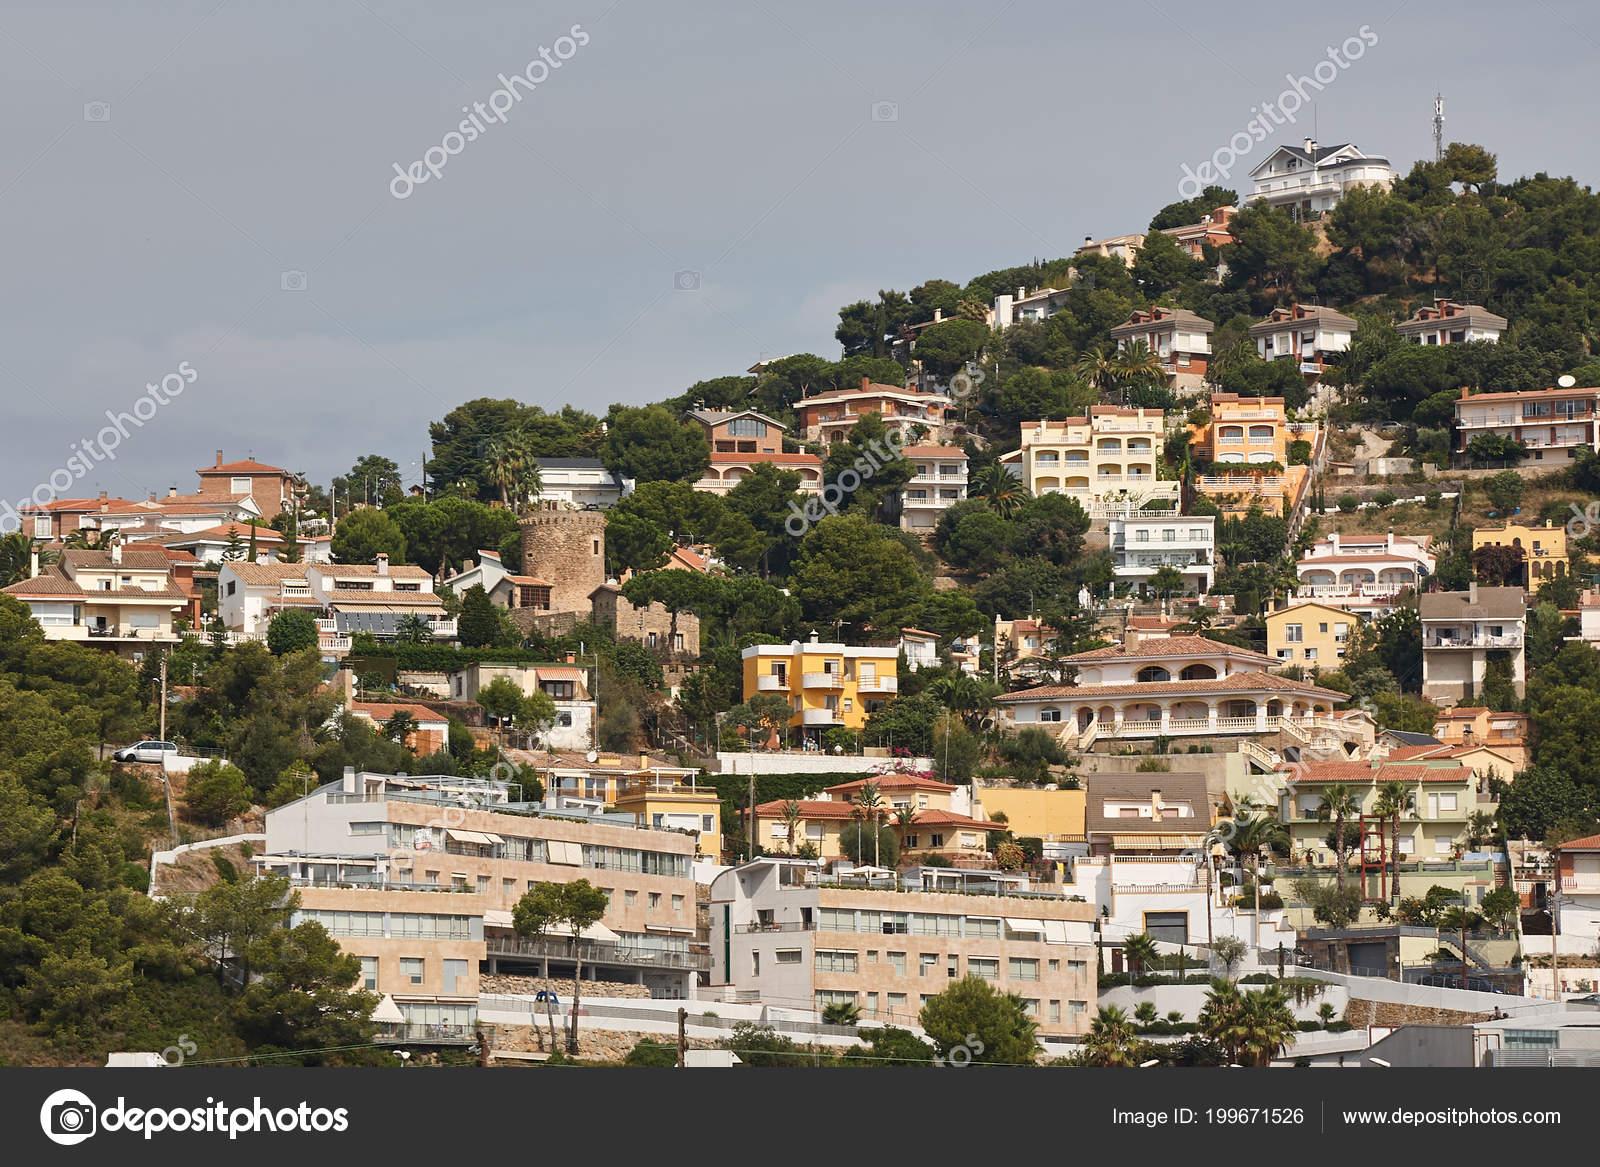 Paysage de la ville santa susanna espagne photographie for Paysage de ville